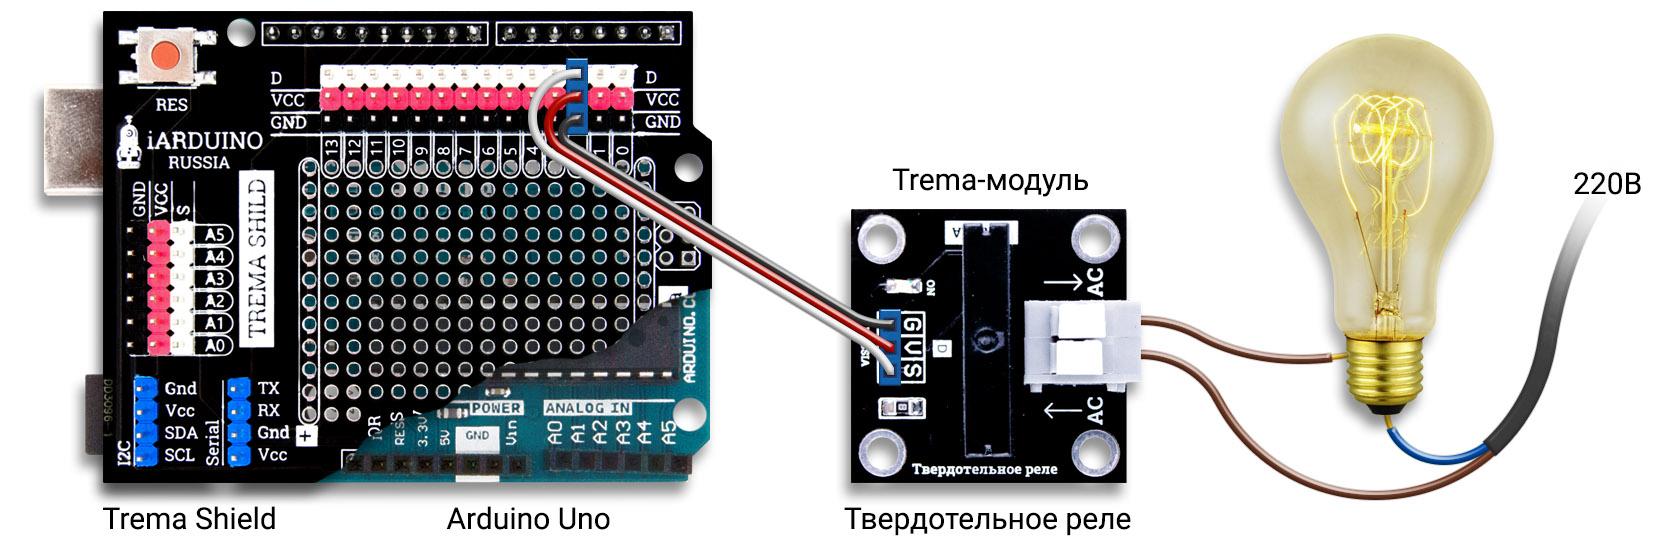 Схема подключения твердотельного реле к Arduino Uno